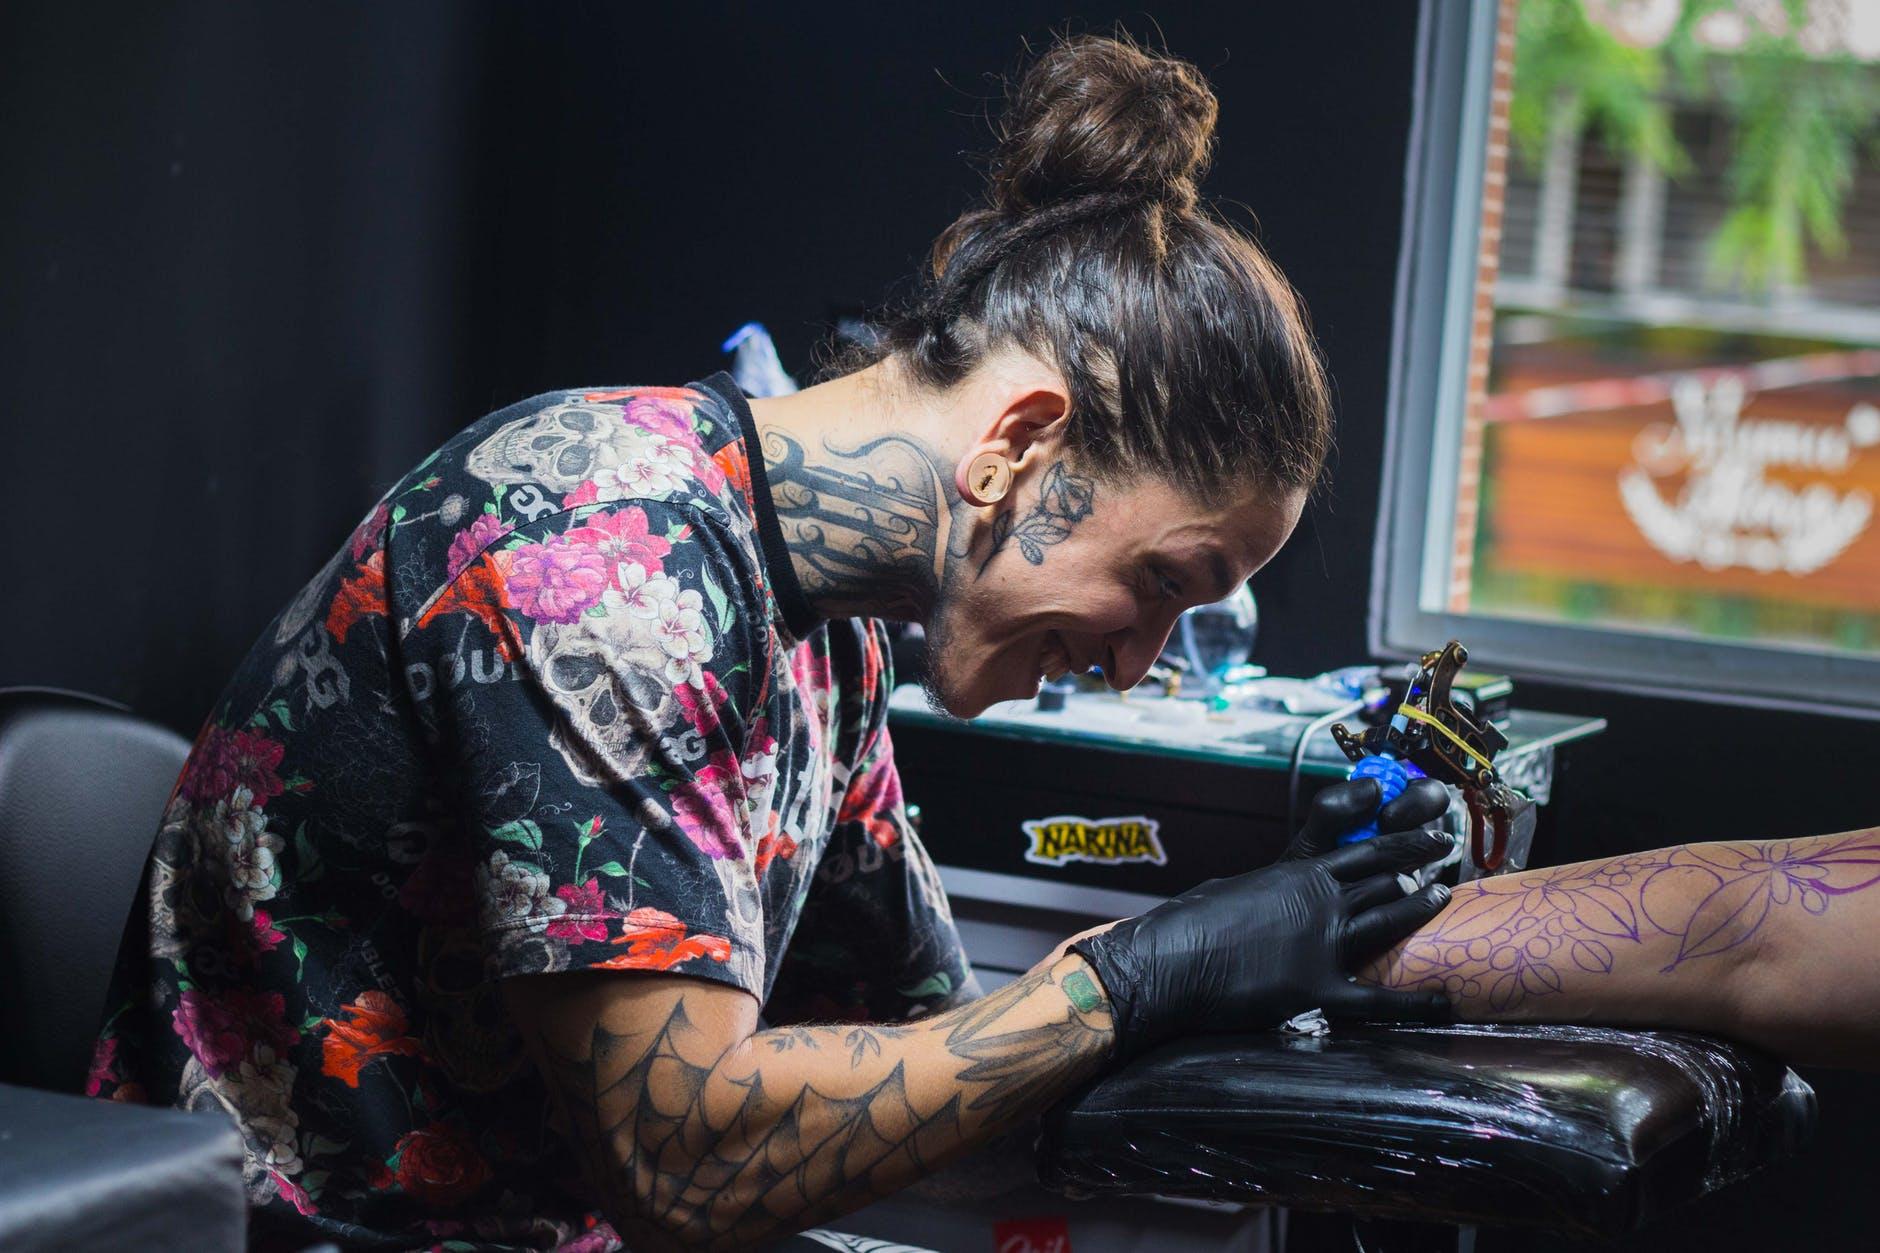 Spray tattoo lidocain Needles and